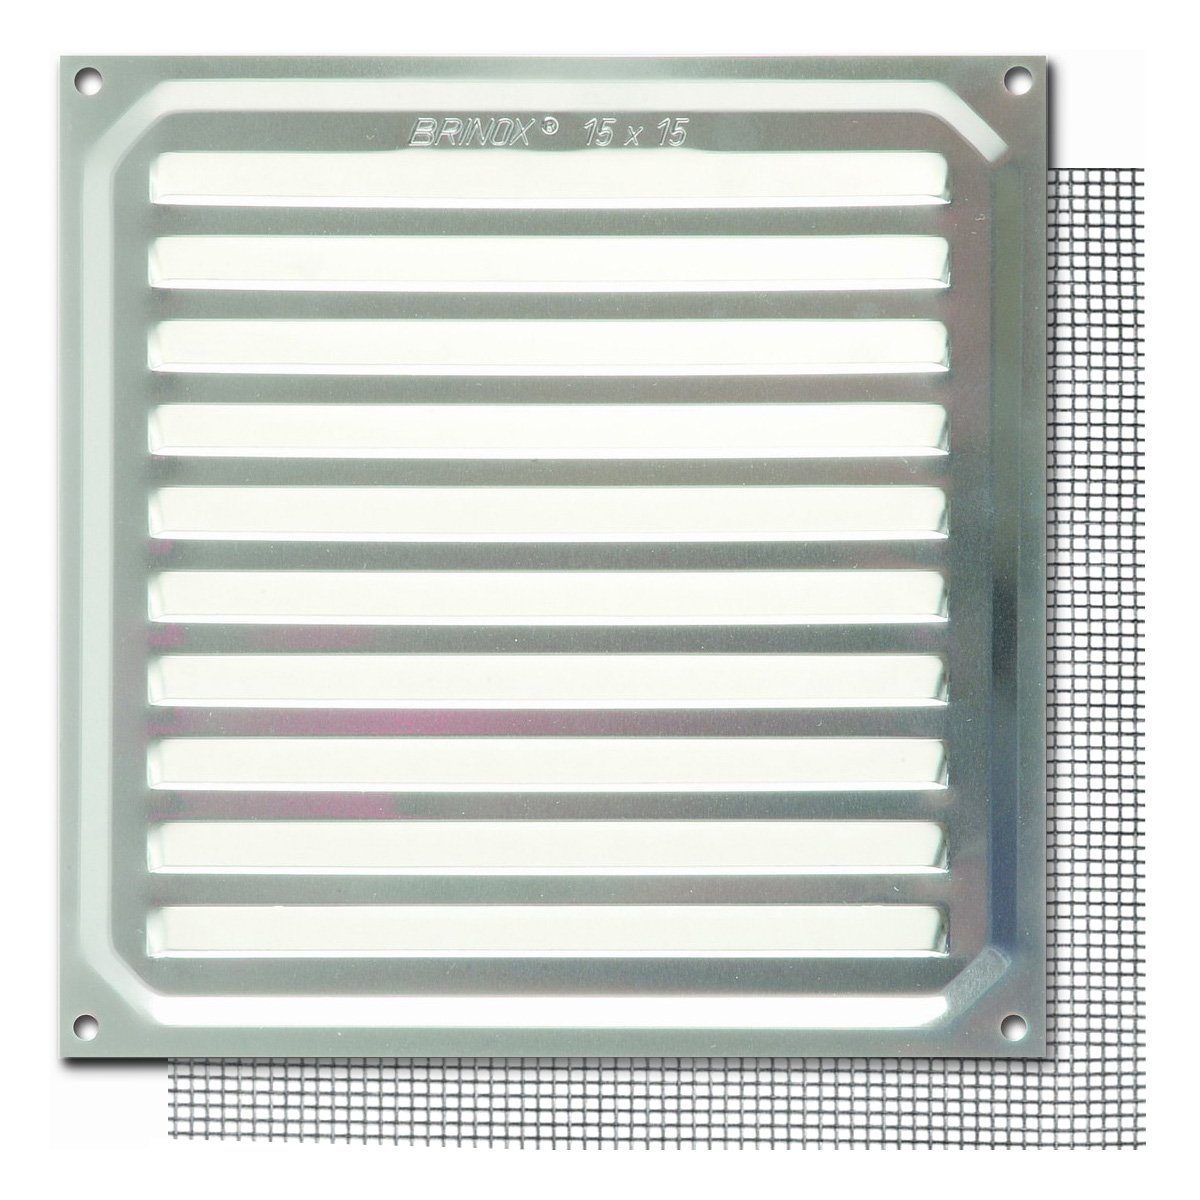 Aluminio 17 x 17 cm Brinox B73020A Rejilla con mosquitera